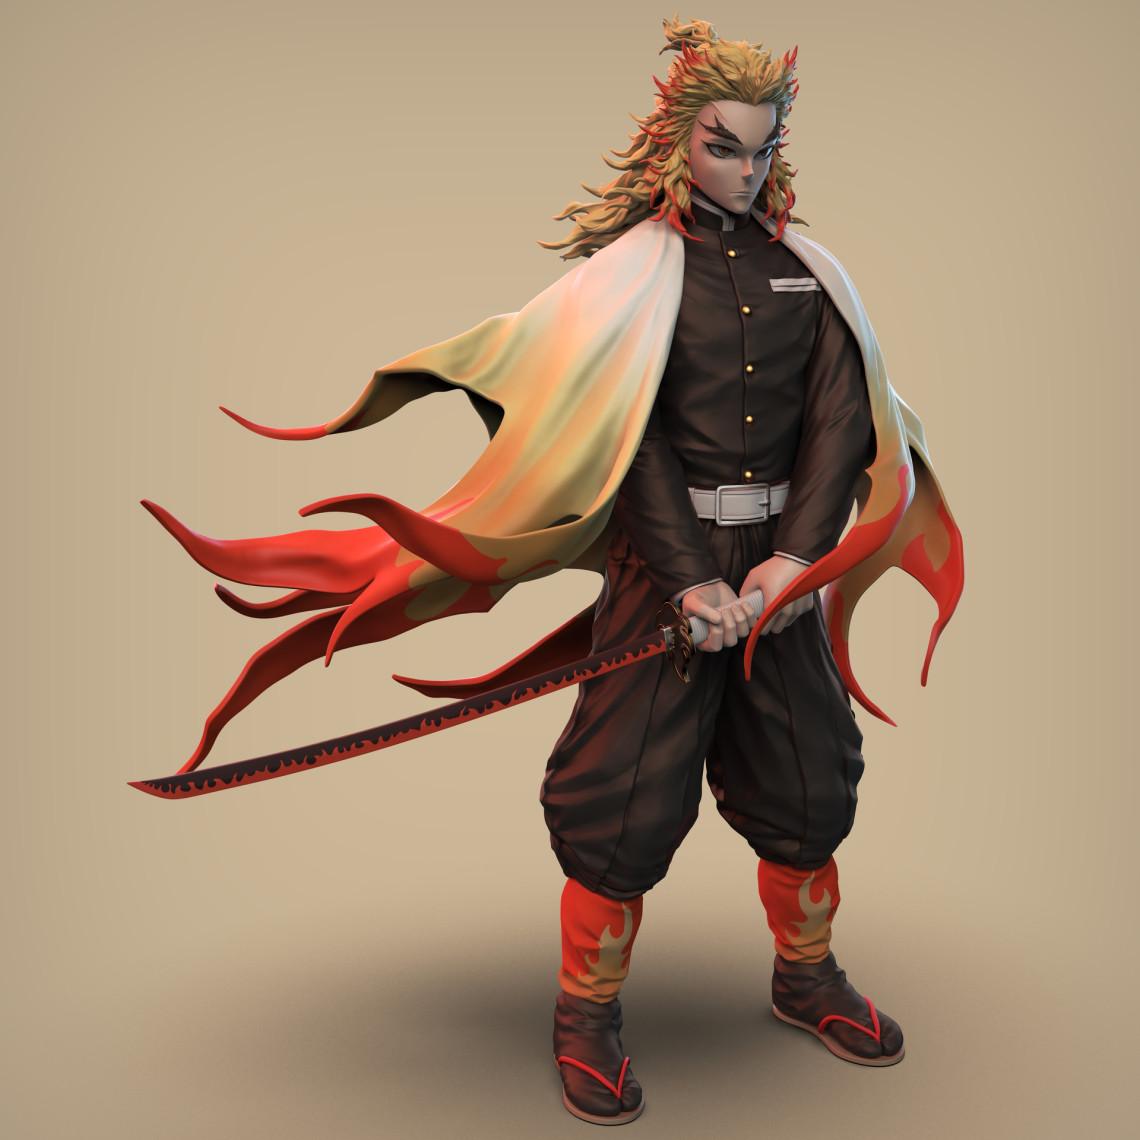 恶魔杀手   日系角色设计   设计师:Wilxan Phuah